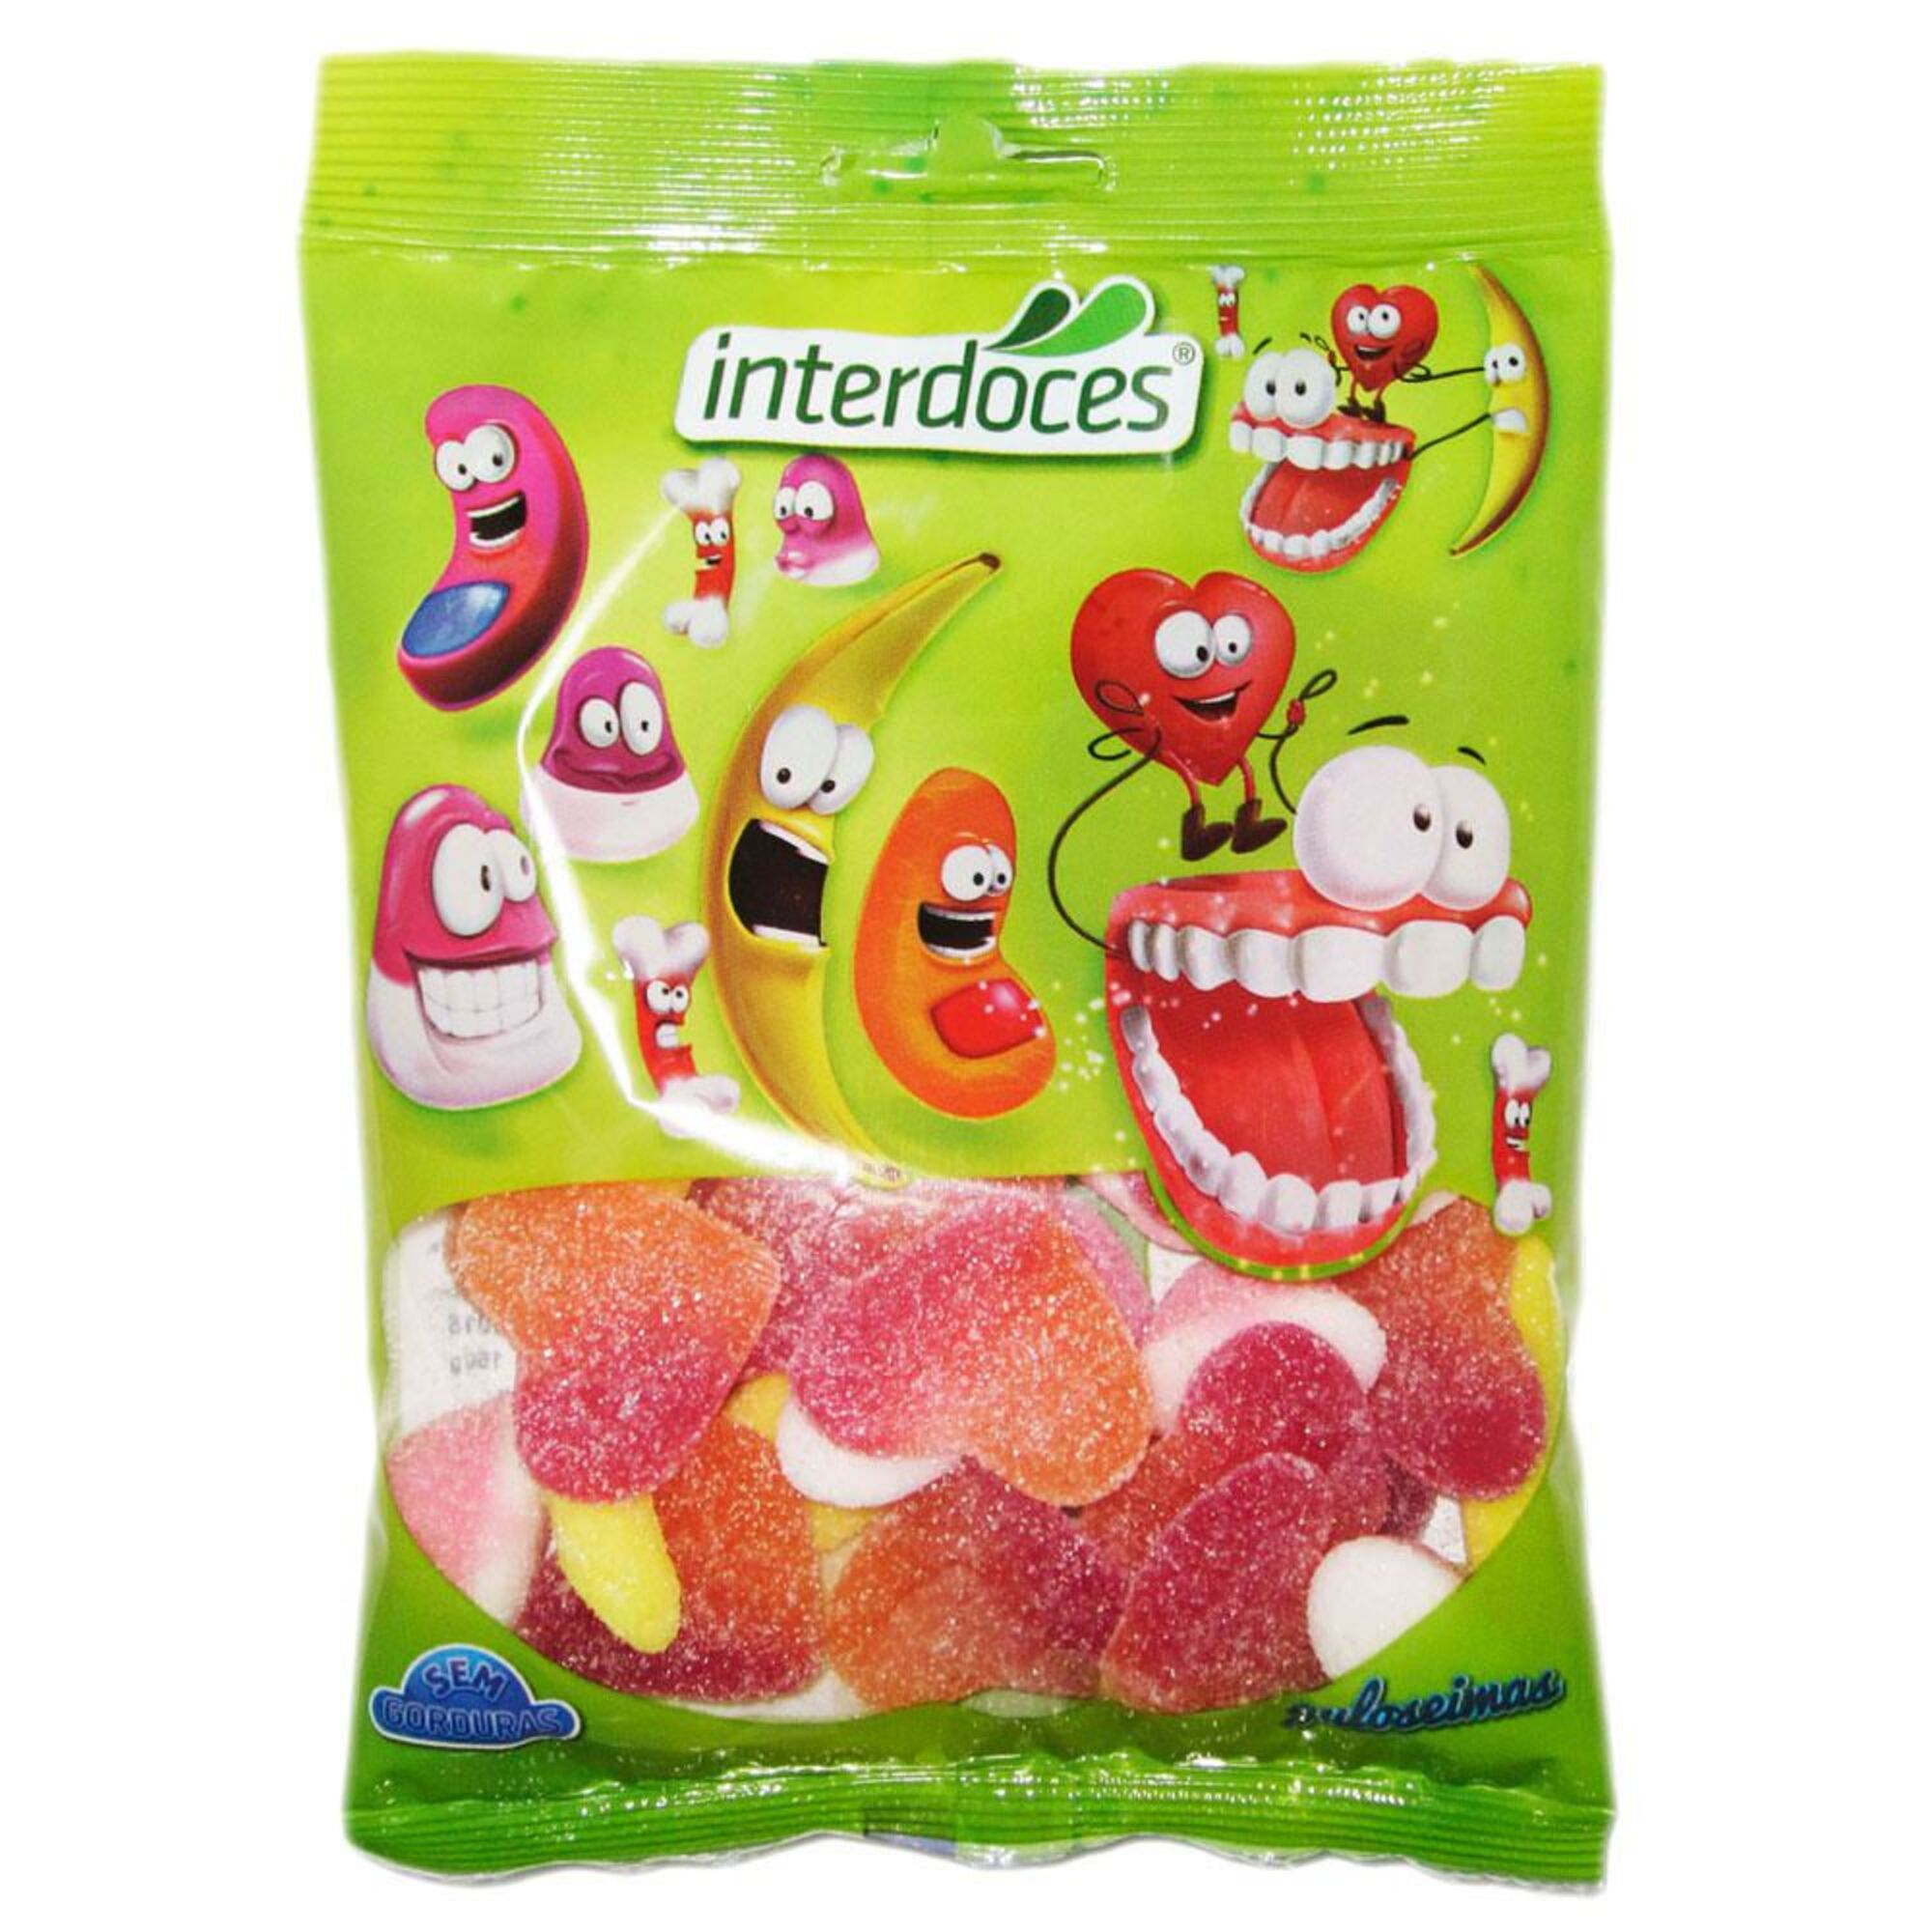 INTERDOCES - INTERDOCES Gomas Sortido Açúcar, 150 g